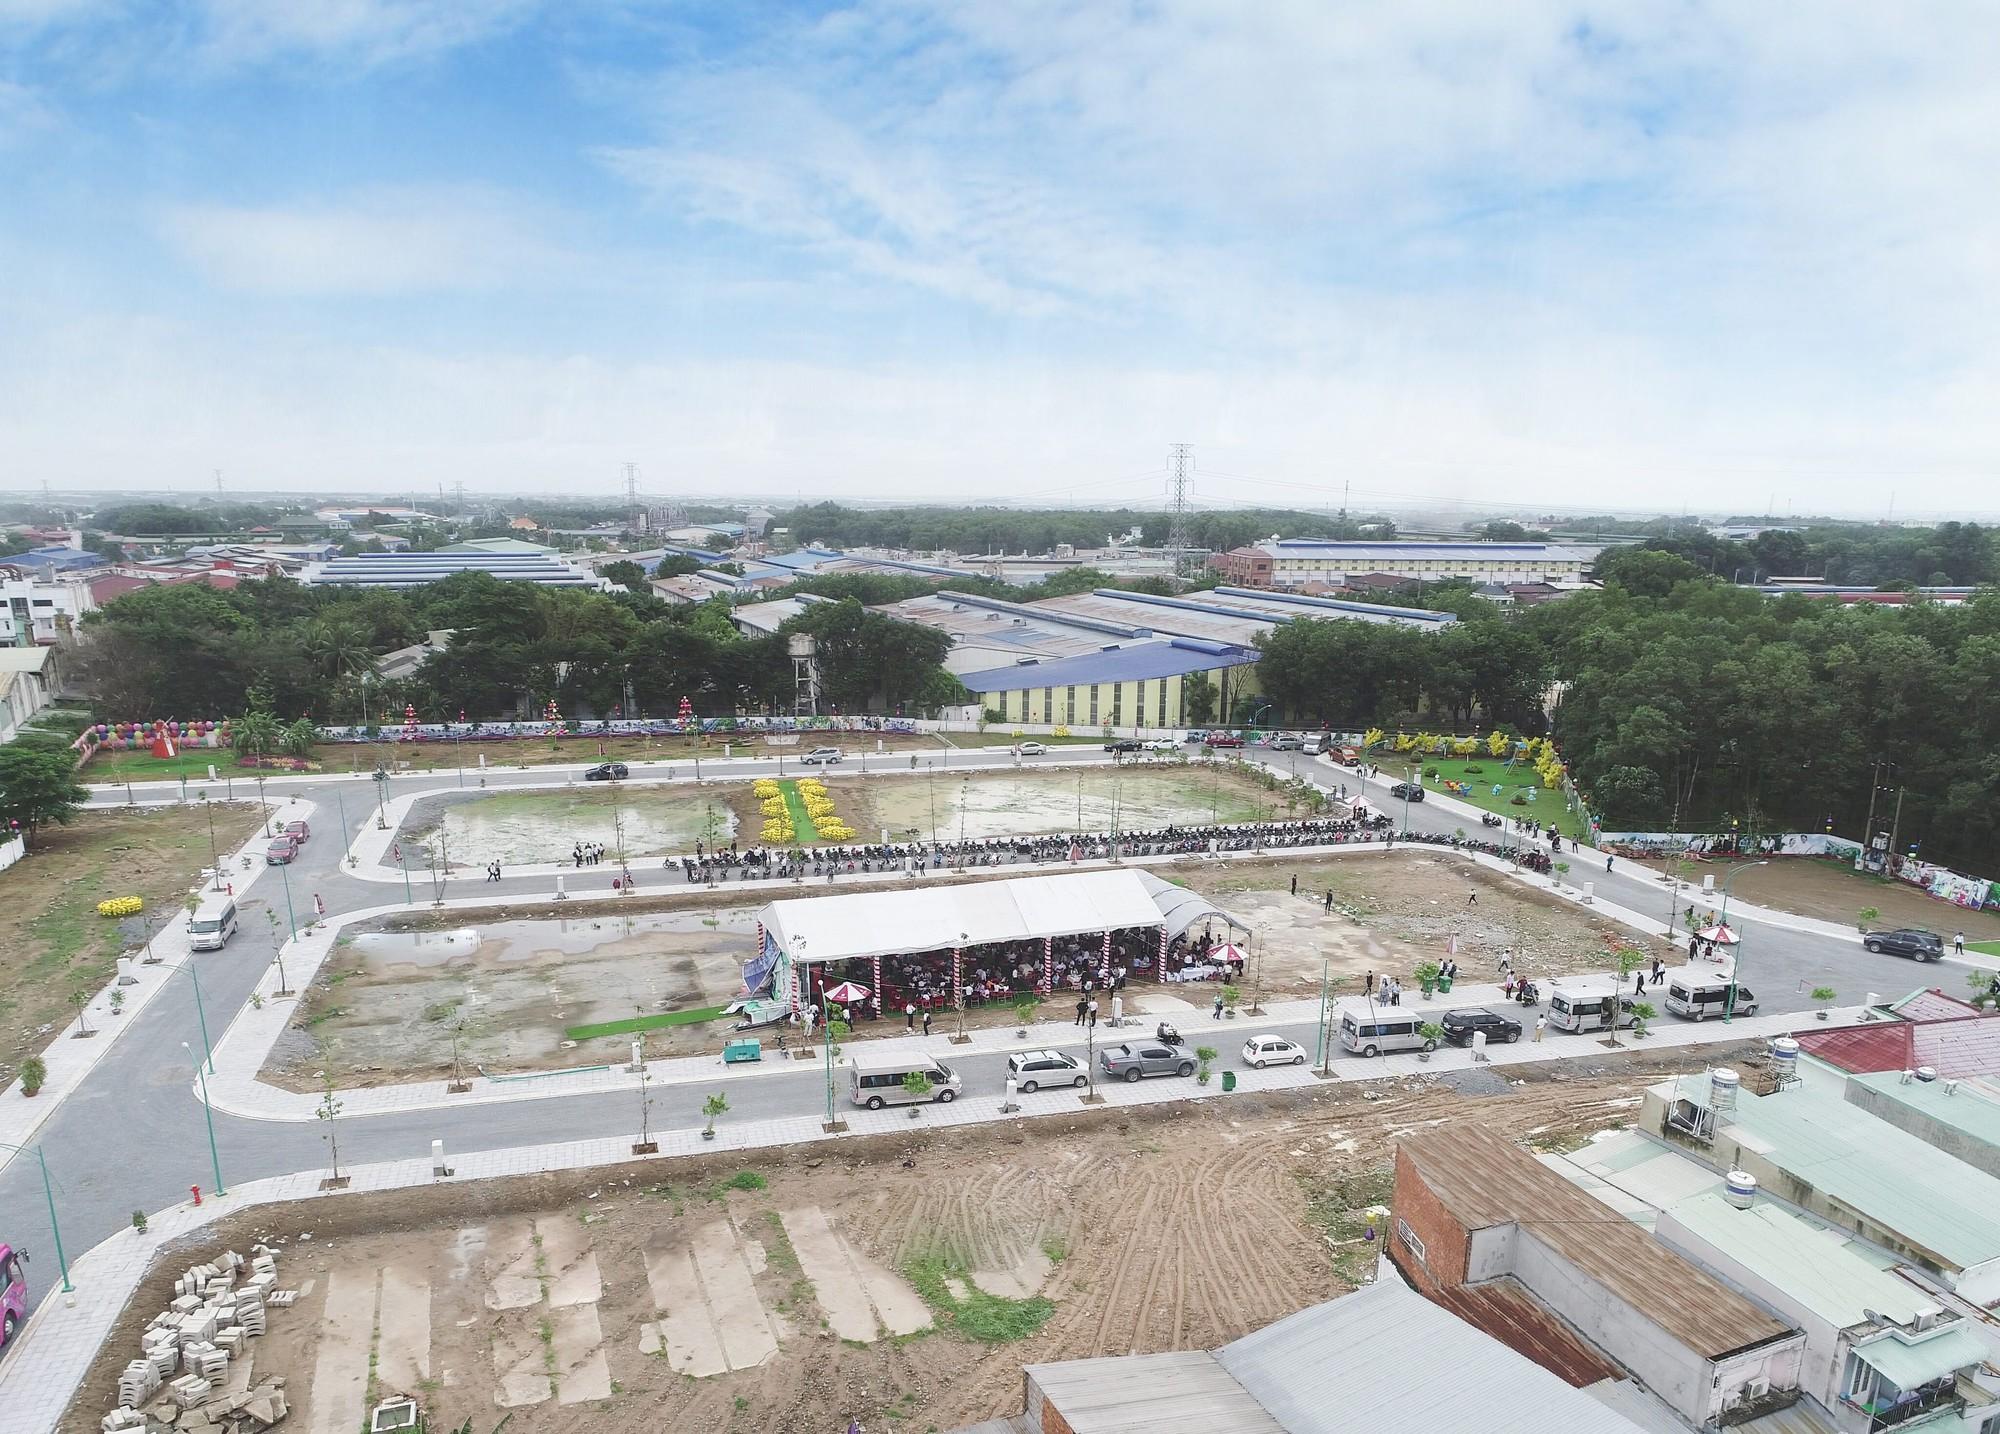 THỐNG KÊ từ hiệp hội bất động sản, giá đất nền tại Dĩ An, Thuận An đã tăng gấp ba giai đoạn 2017 – 2019.